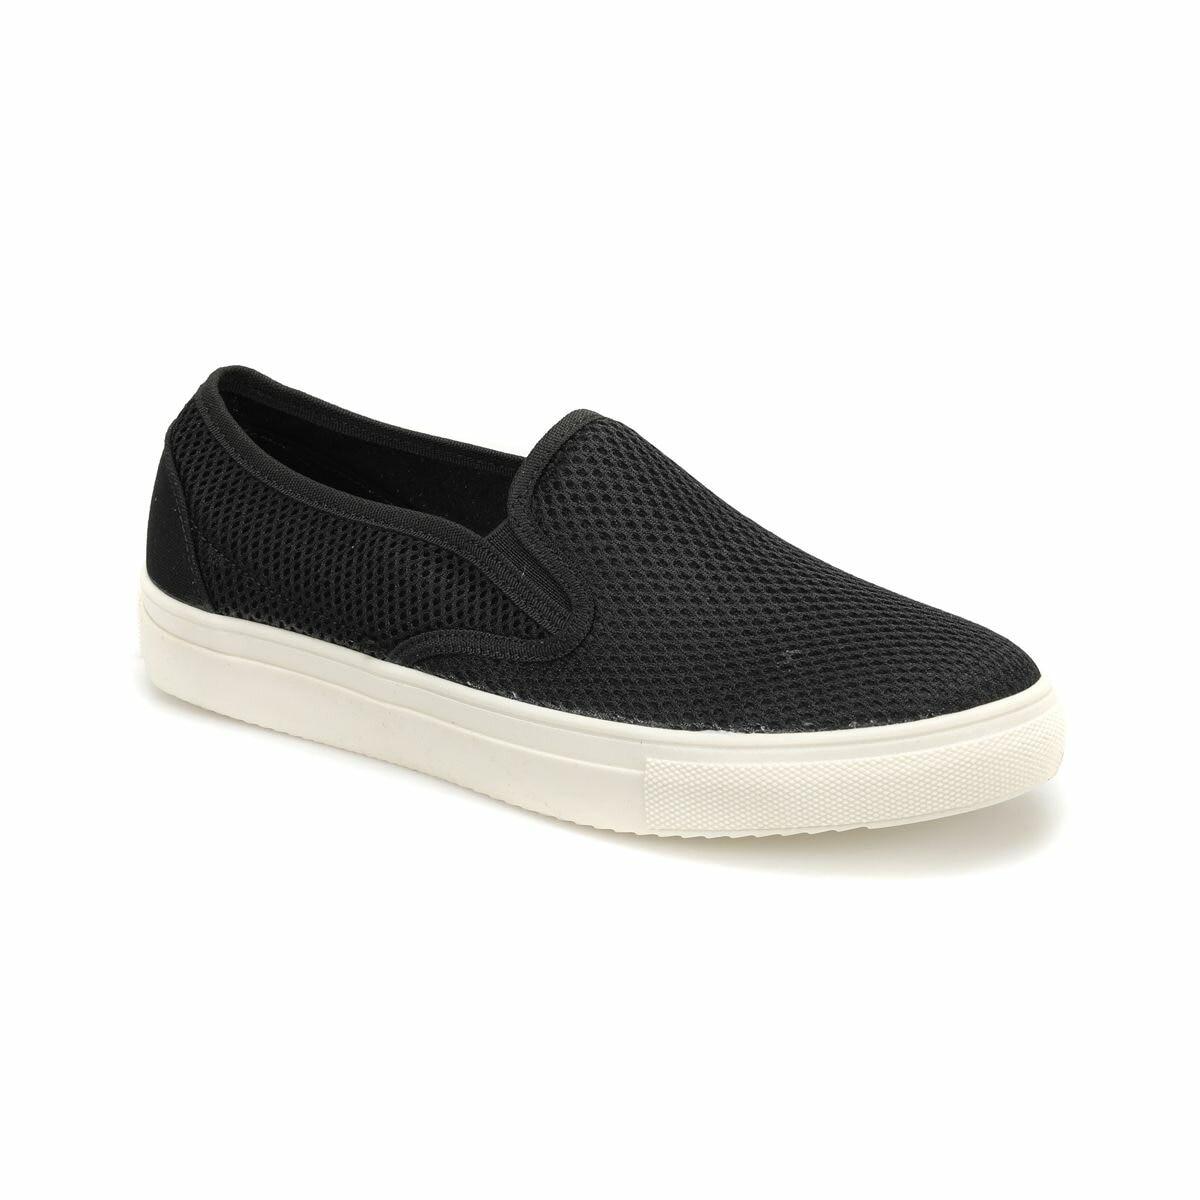 FLO 2804 Black Male Shoes Panama Club